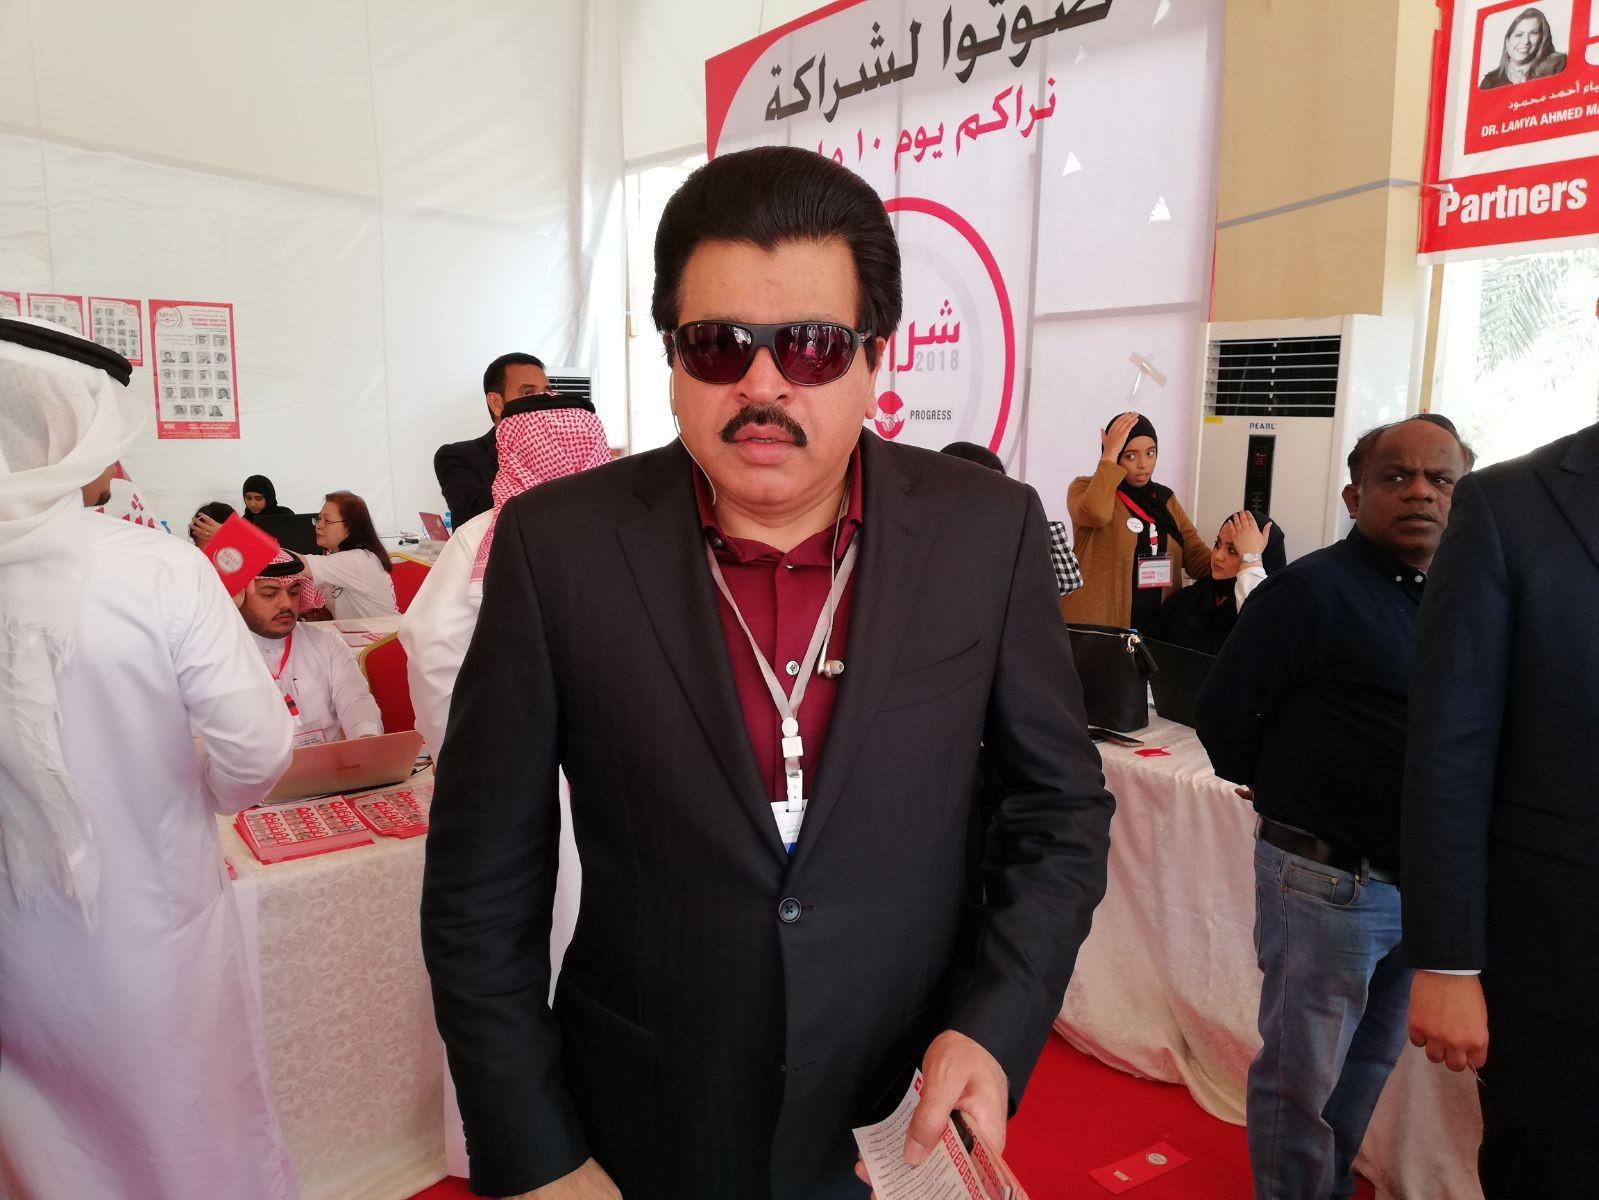 خساره غير متوقعه لمحمد ساجد رغم كثافة المشاركة الاسيوية